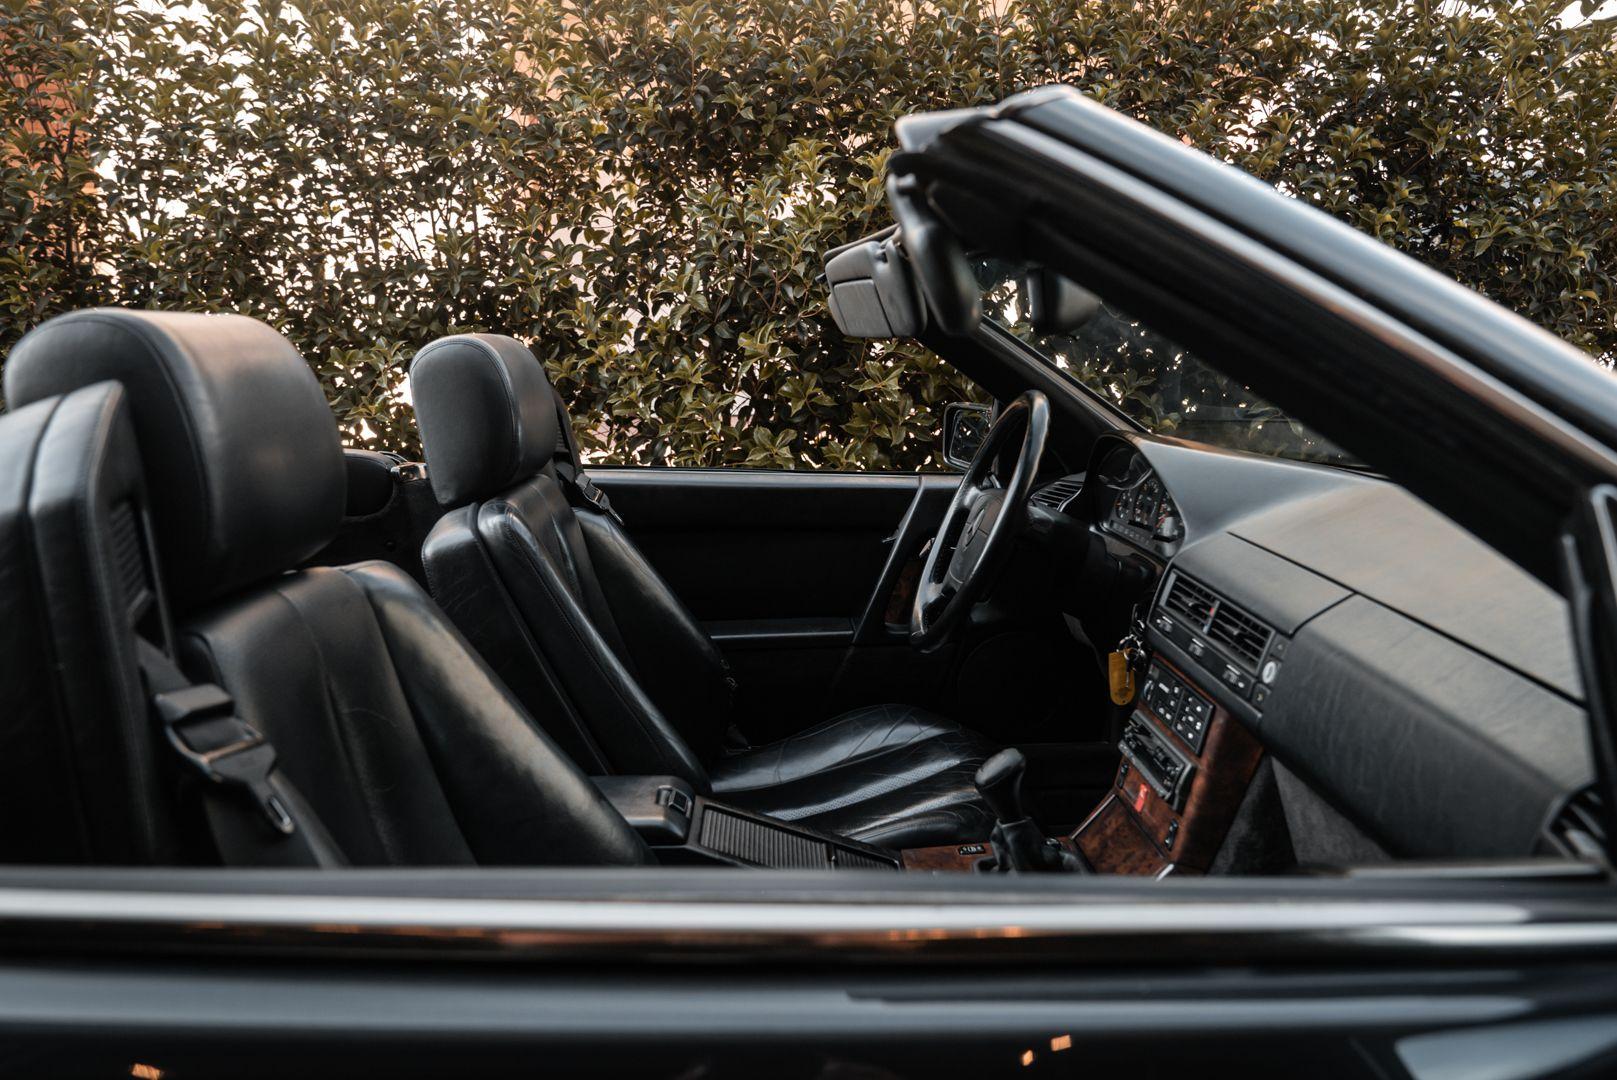 1992 Mercedes Benz 300 SL 24 V 80640